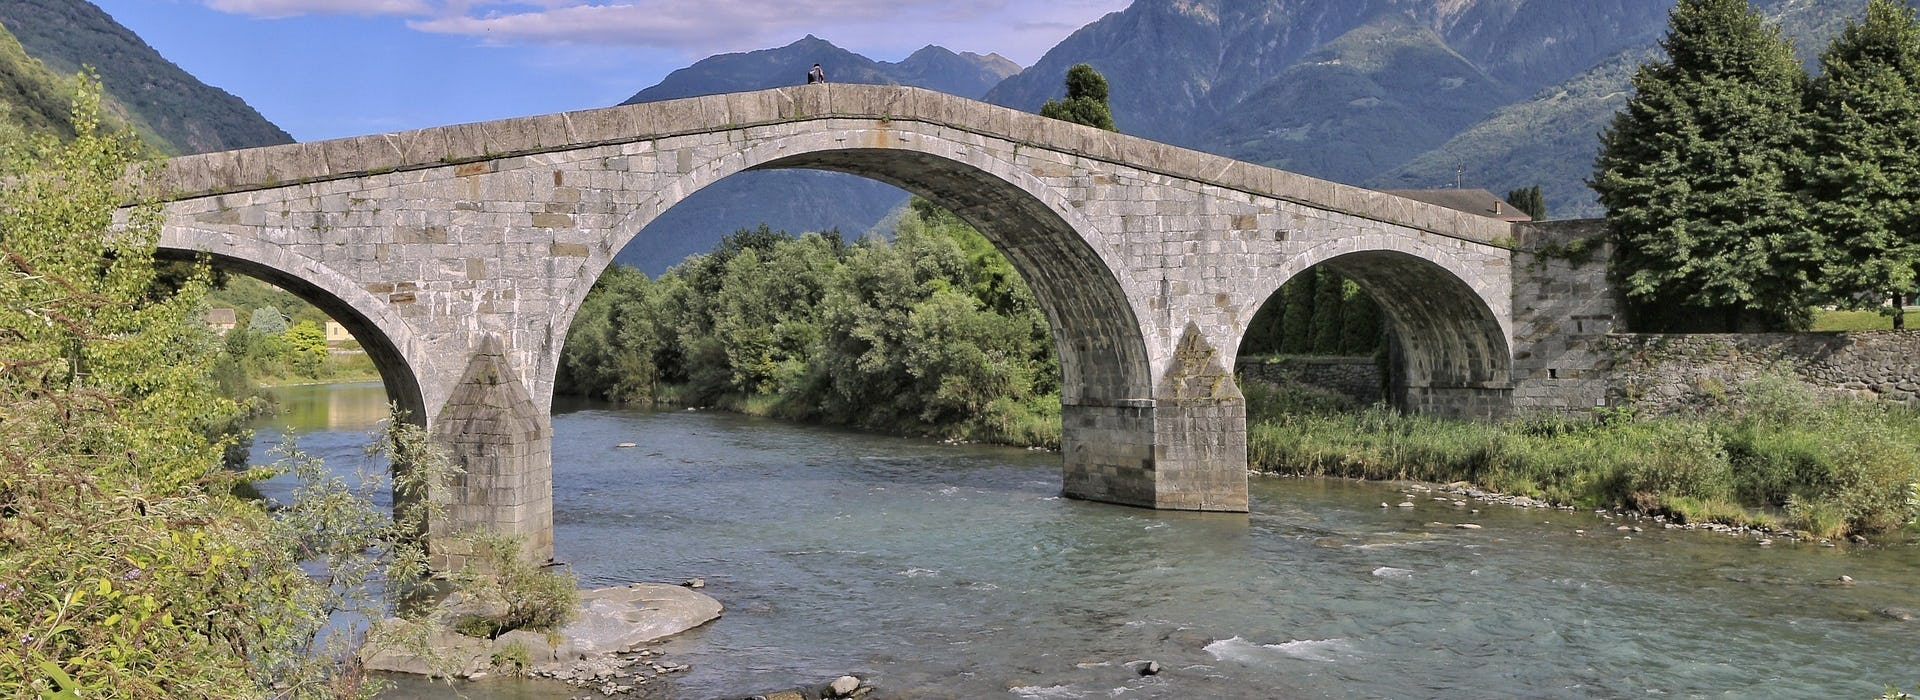 Valle Valtellina Adda Ramsauer Osterreise